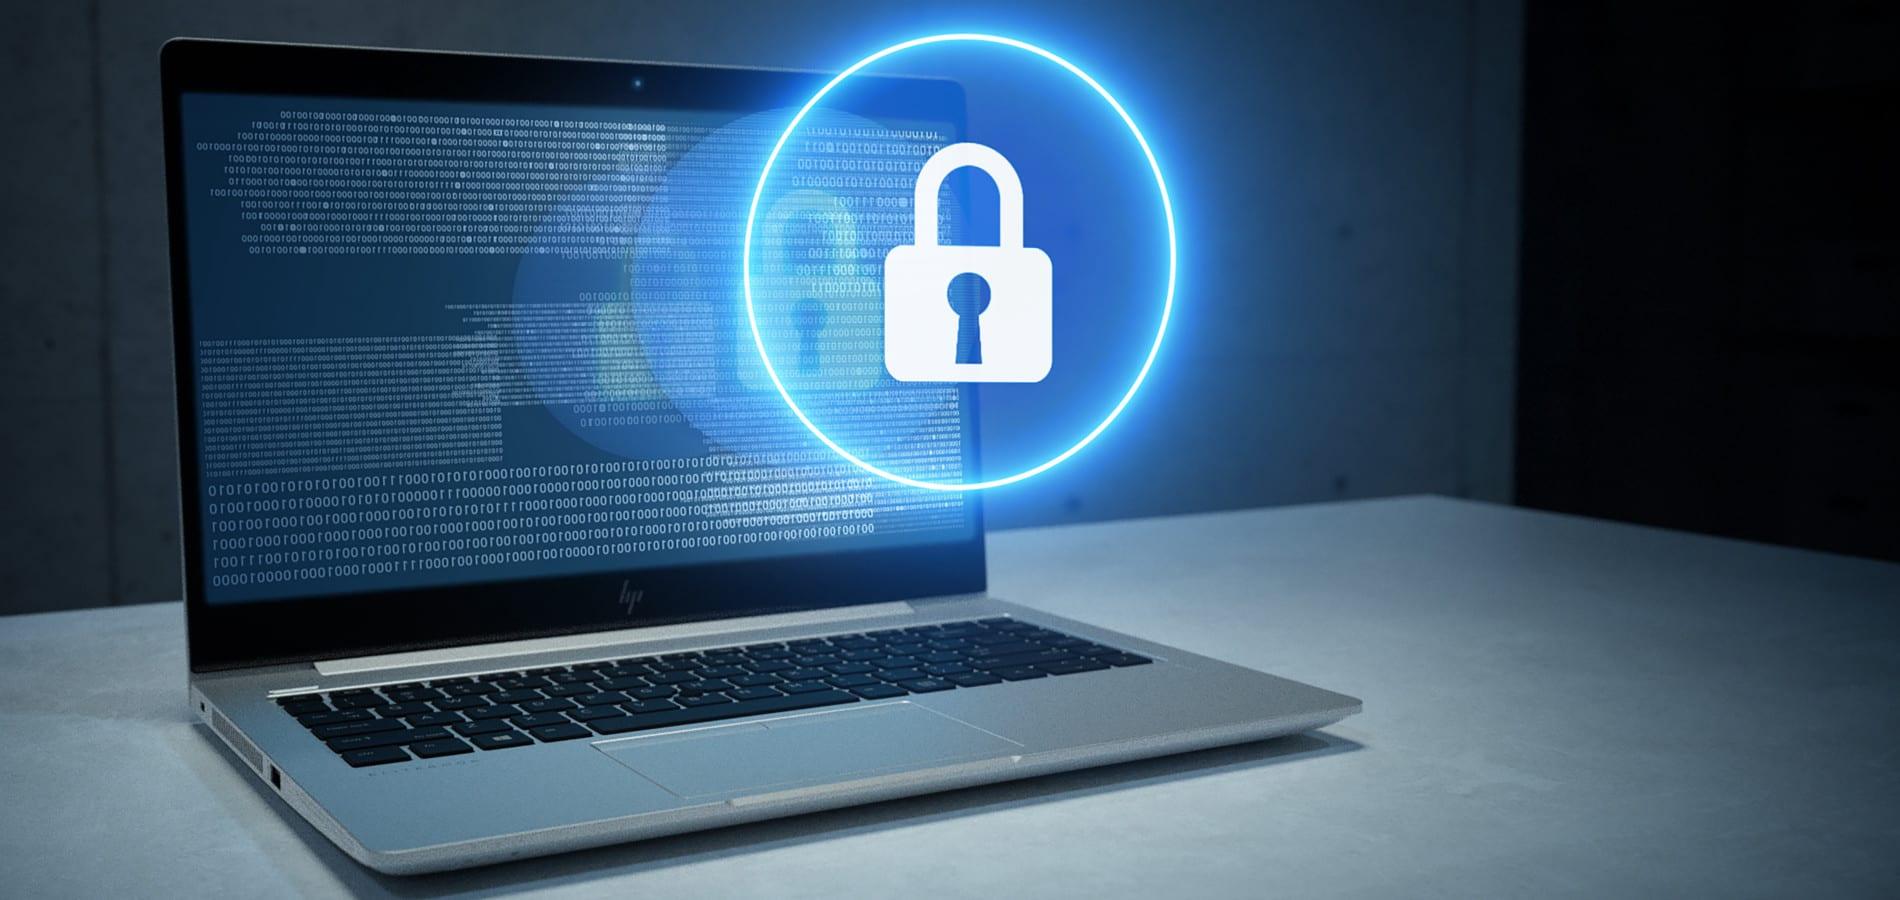 Drucker und Kopierer stellen oft ein hohes Risiko durch Sicherheitslücken in Unternehmen dar.